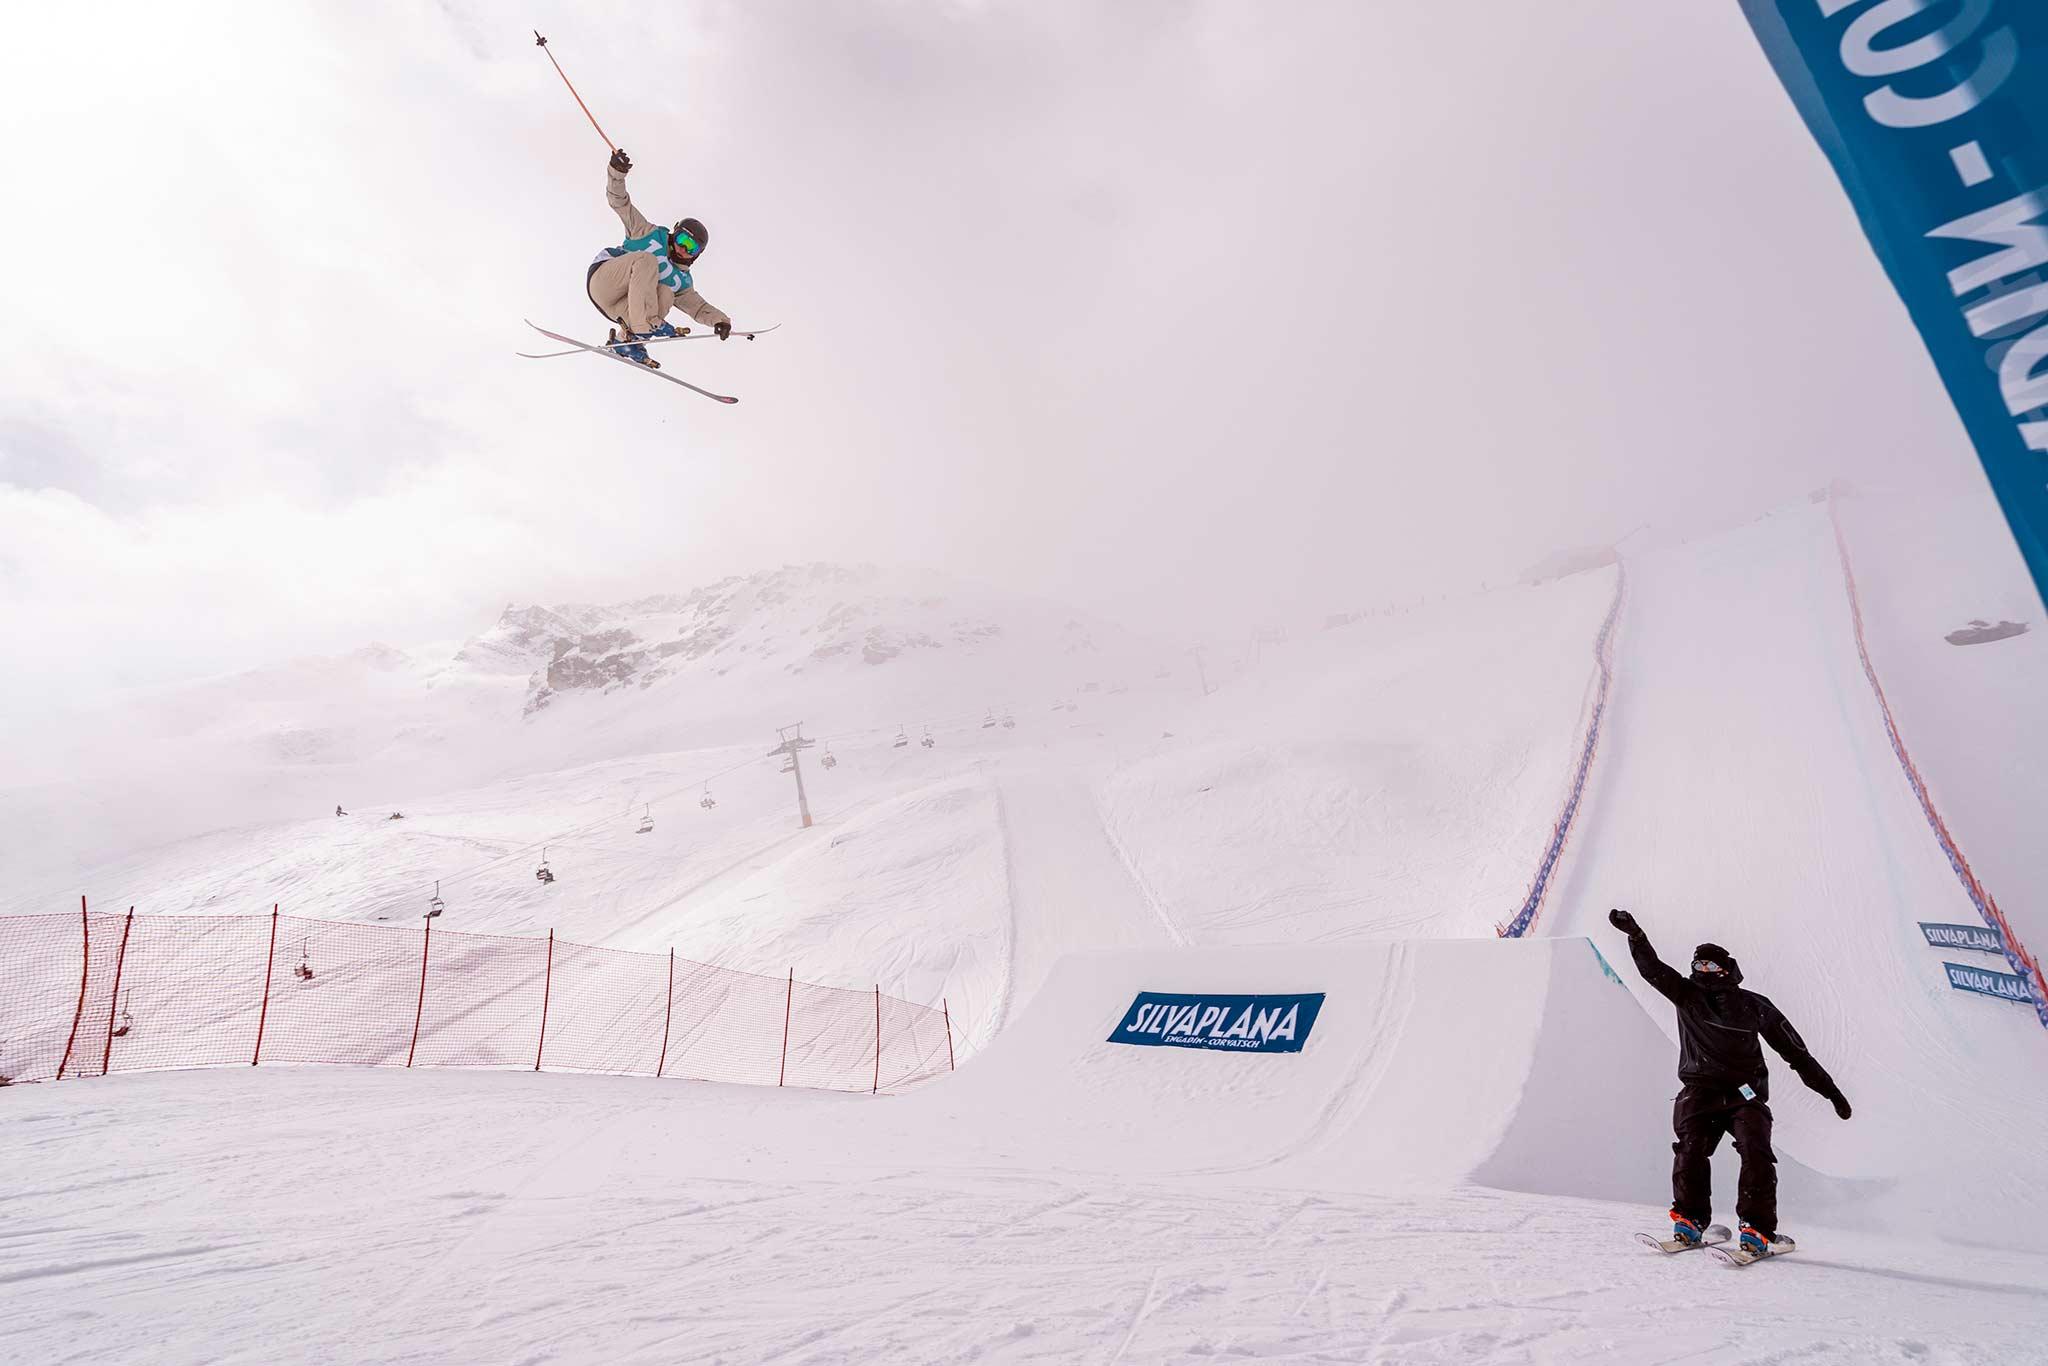 Sarah Hoefflin aus dem Swiss Freeski holt einen guten zweiten Platz am Corvatsch. - Foto: Filip Zuan